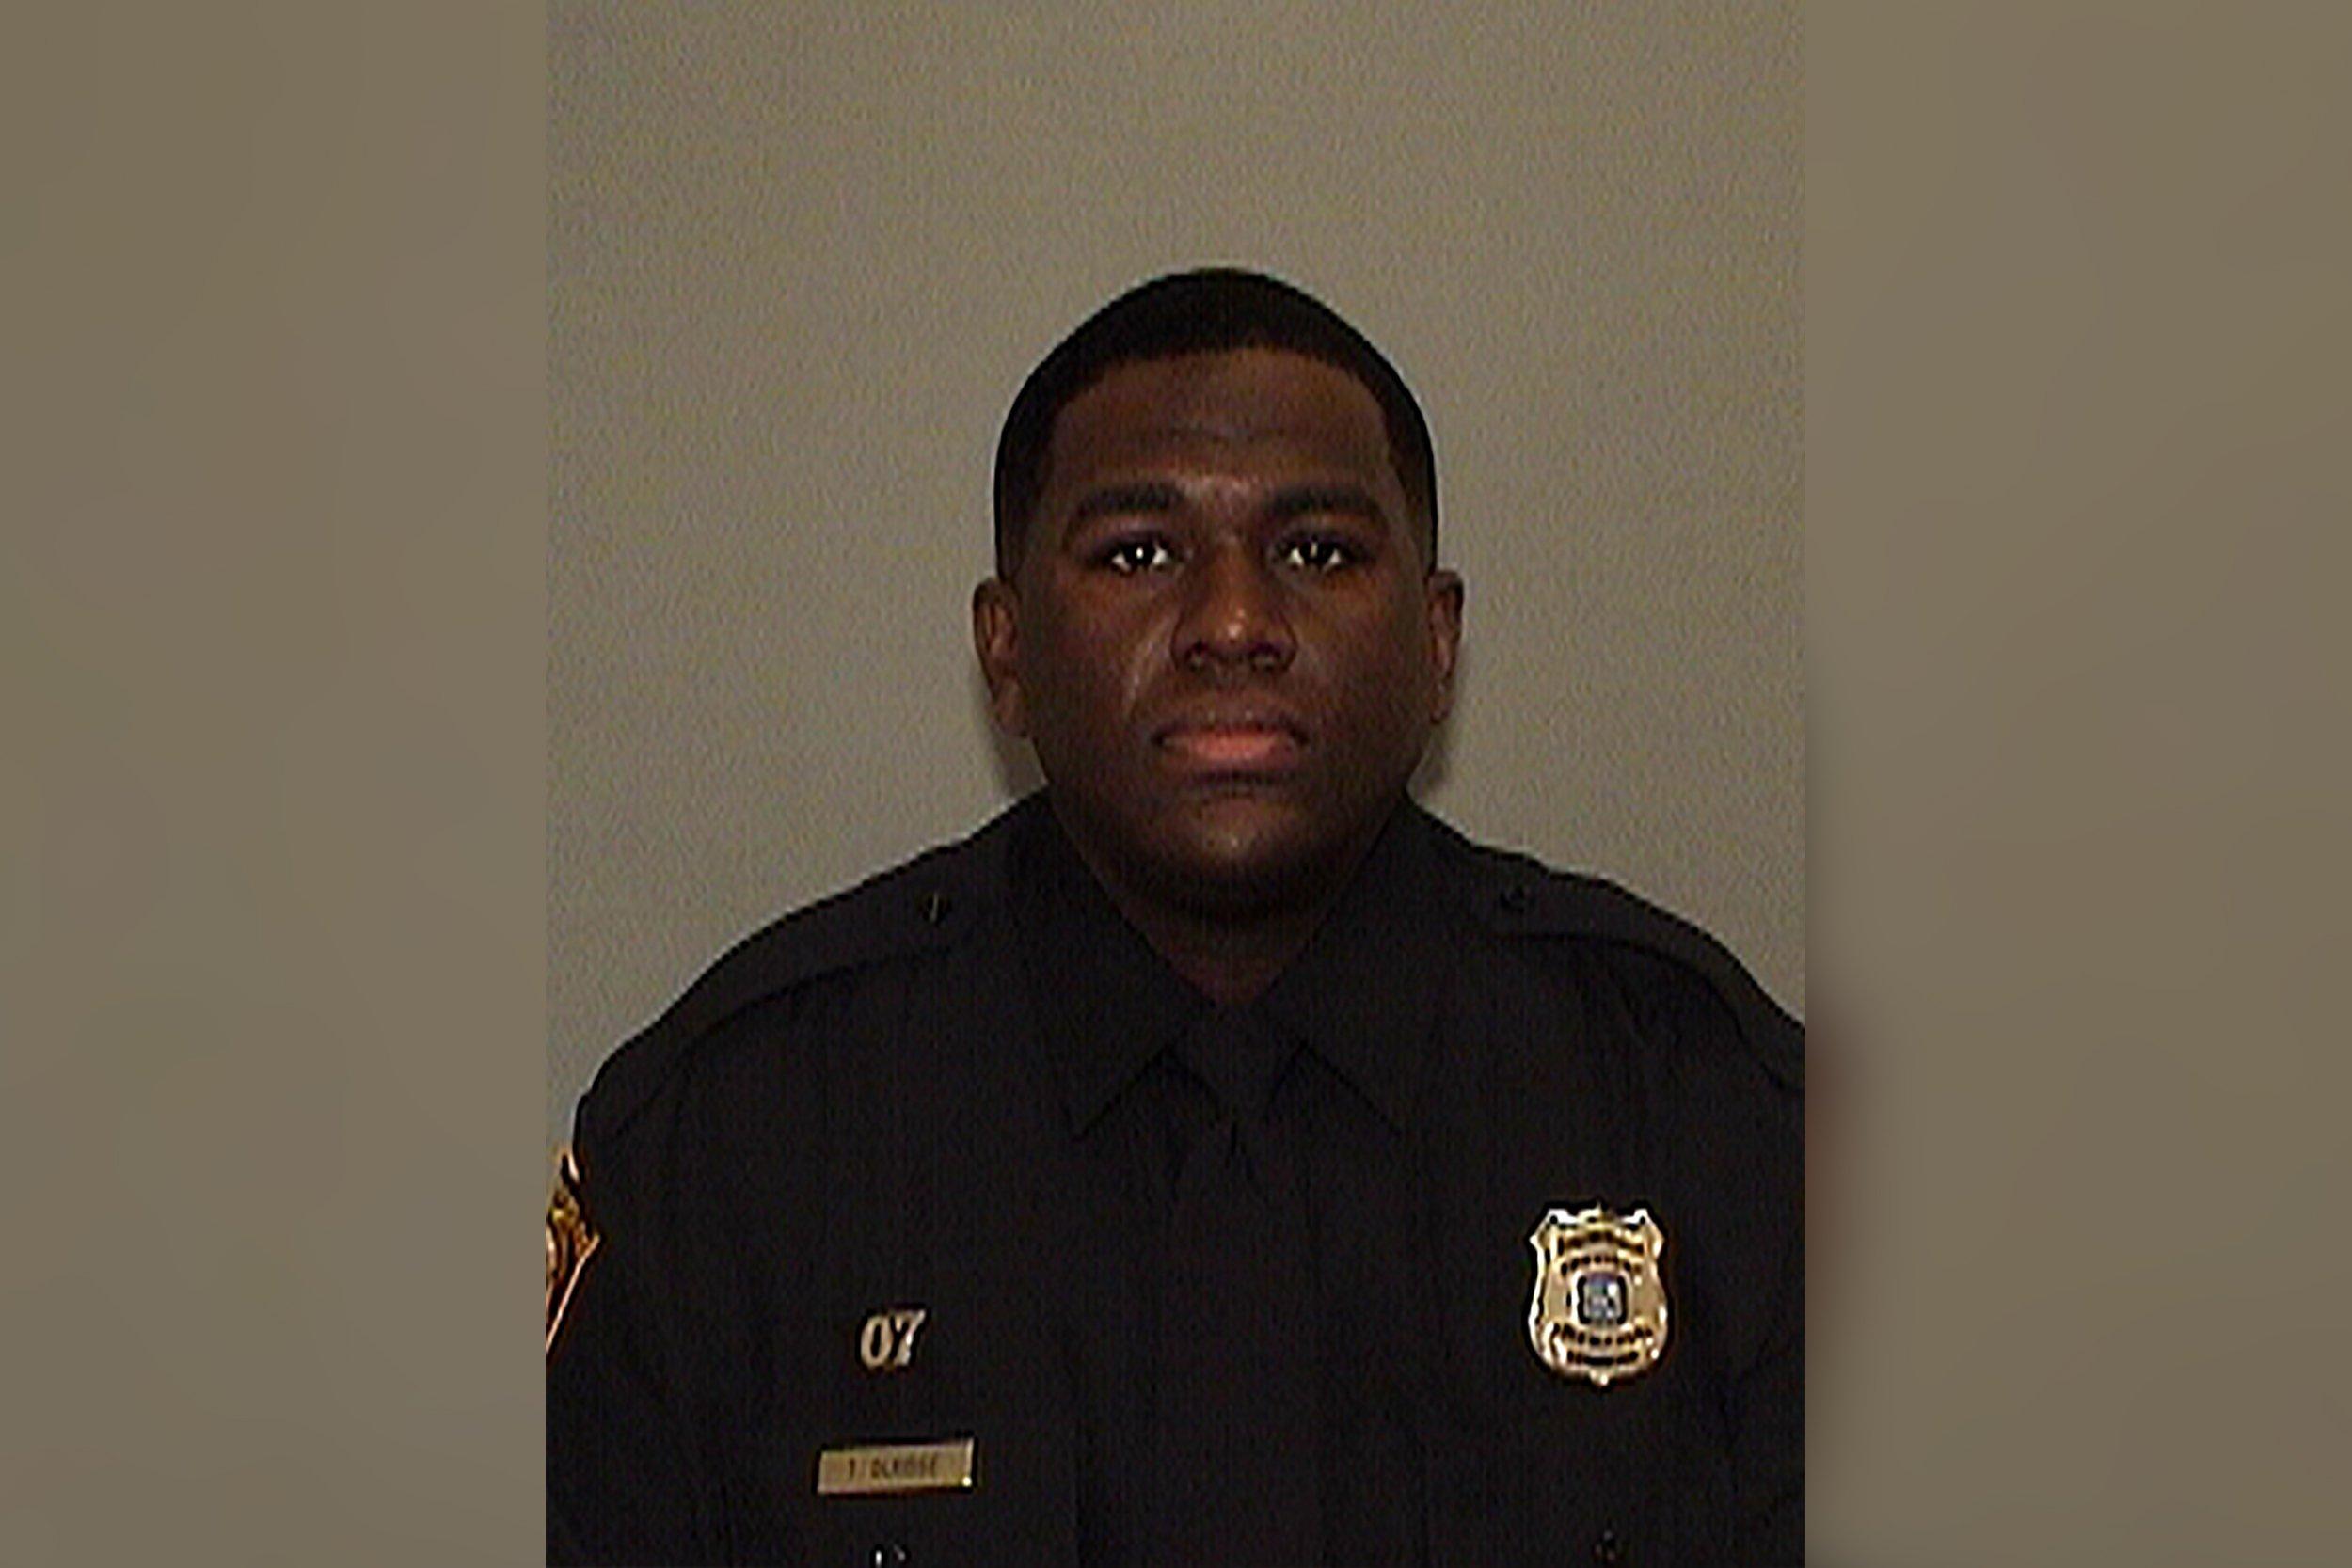 Memphis Police Officer Terence Olridge.